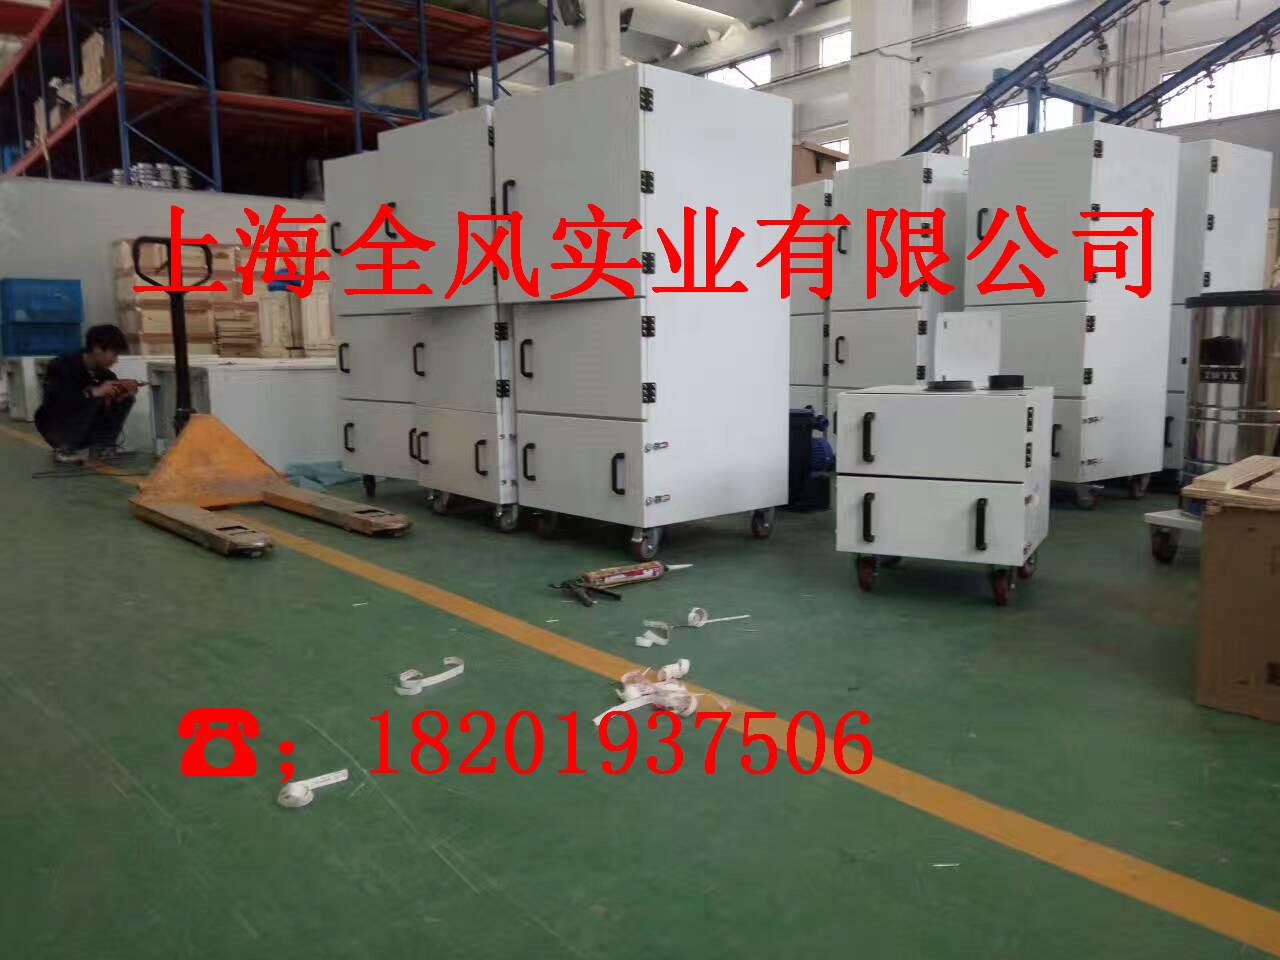 八,磨床吸尘器是采用380v三相电源工作的,使用时间长,可以连续工作长